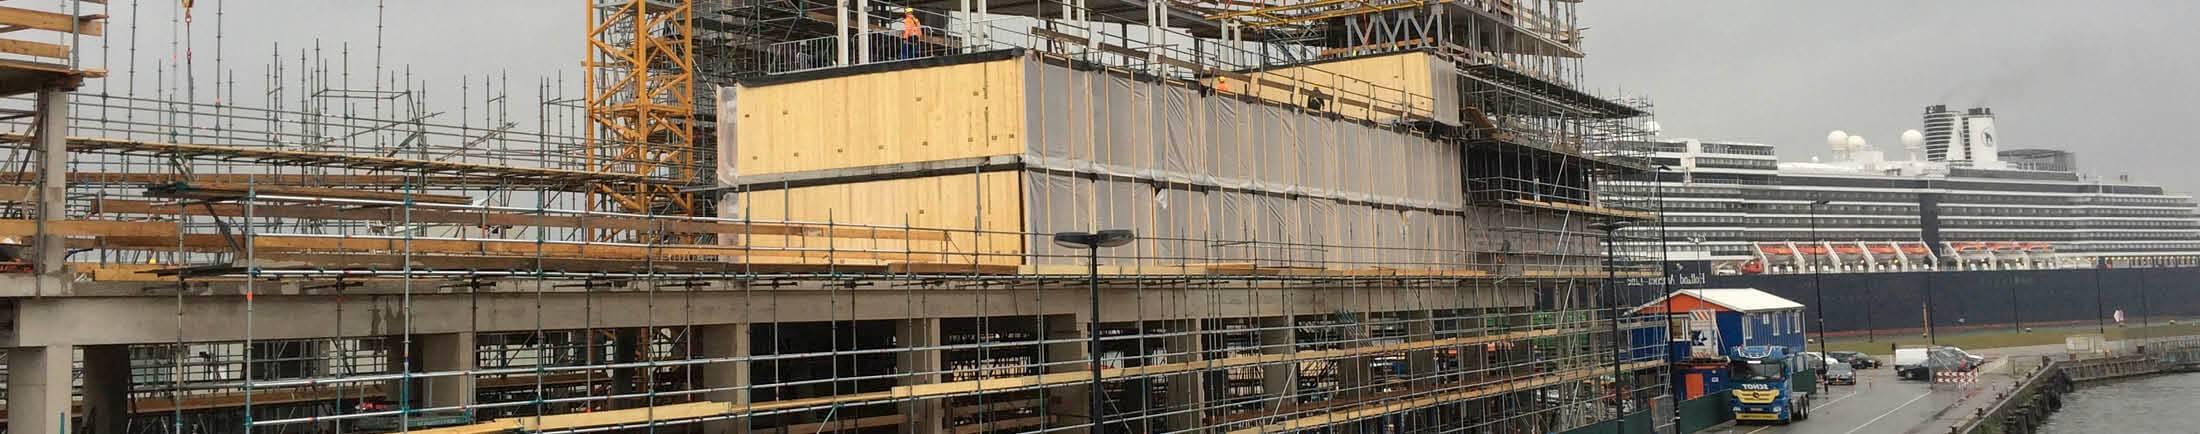 Bouw en Constructie header